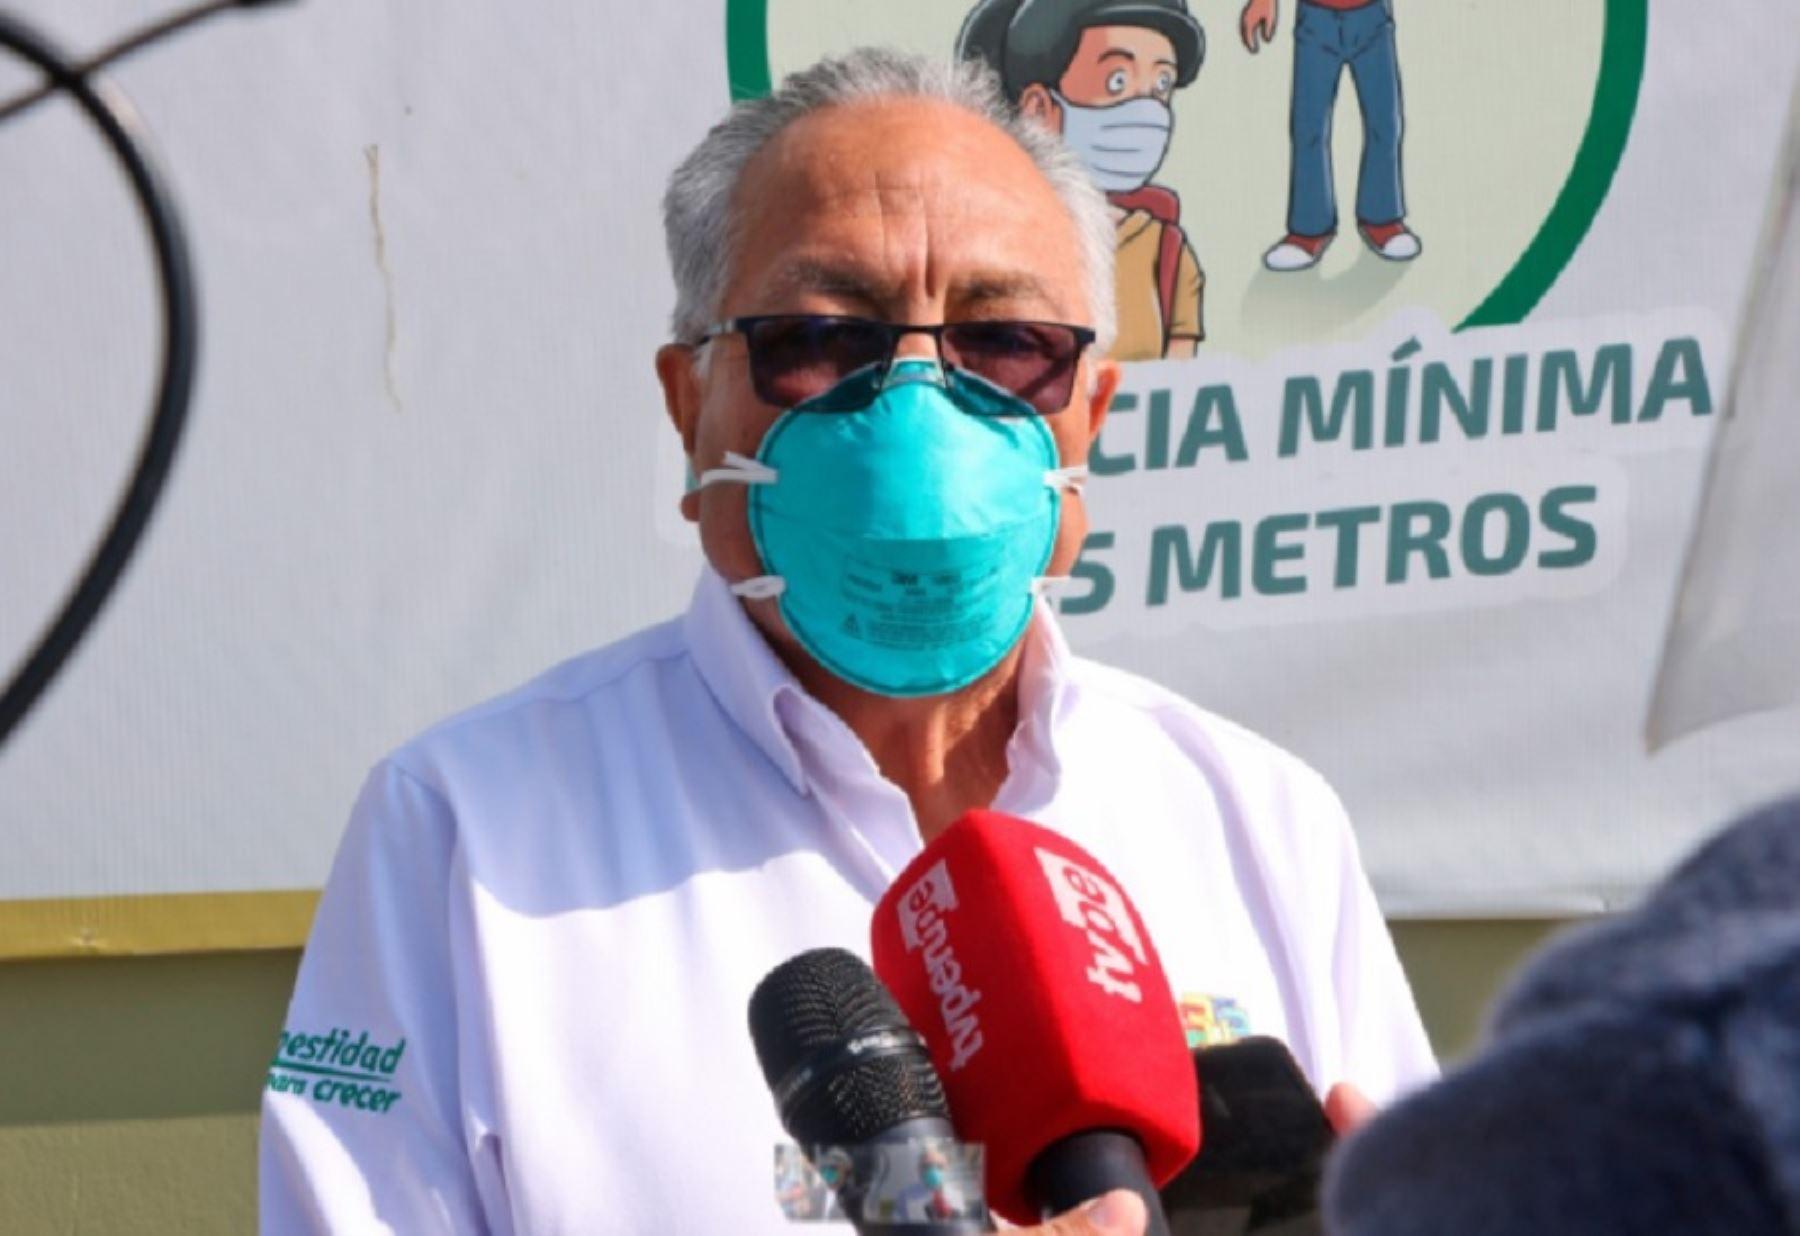 El gobernador regional de Lima, Ricardo Chavarría Oria, saludó que las provincias de Barranca, Cañete, Huaral y Huaura hayan sido incluidas en la cuarentena focalizada dispuesta por el Ejecutivo debido al repunte de los contagios de covid-19 en esas localidades del país.